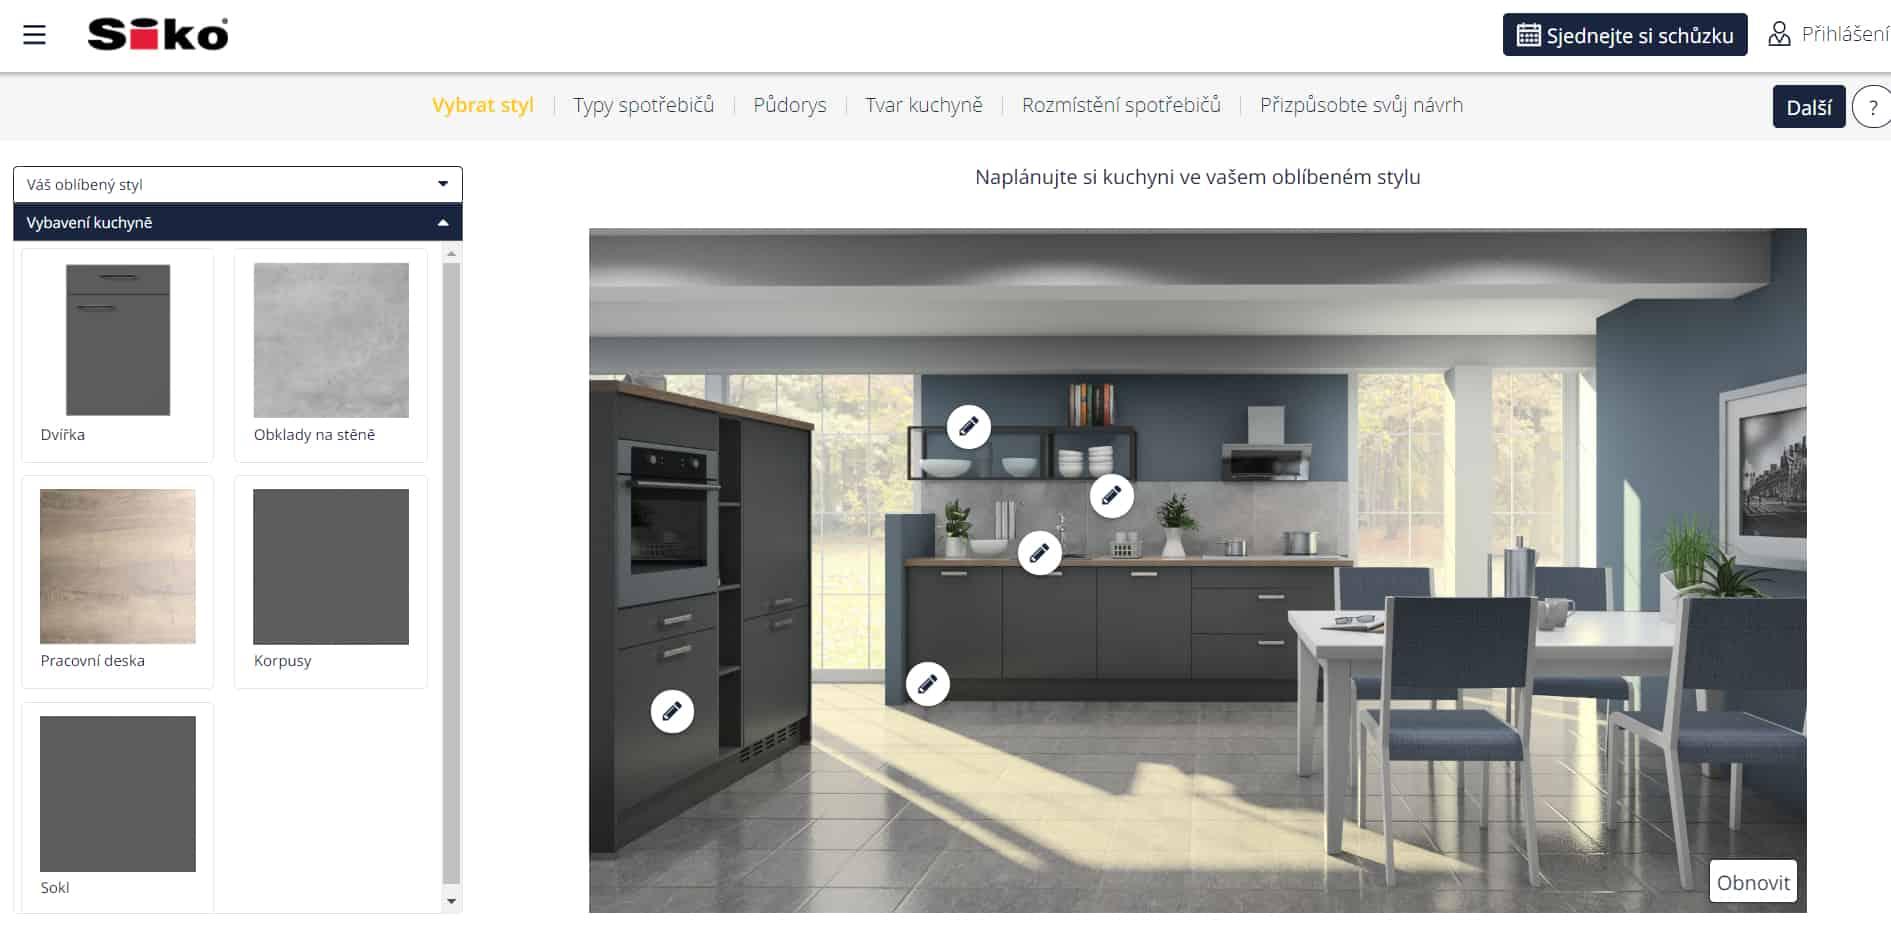 Konfigurátor kuchyní Siko 3D - recenze